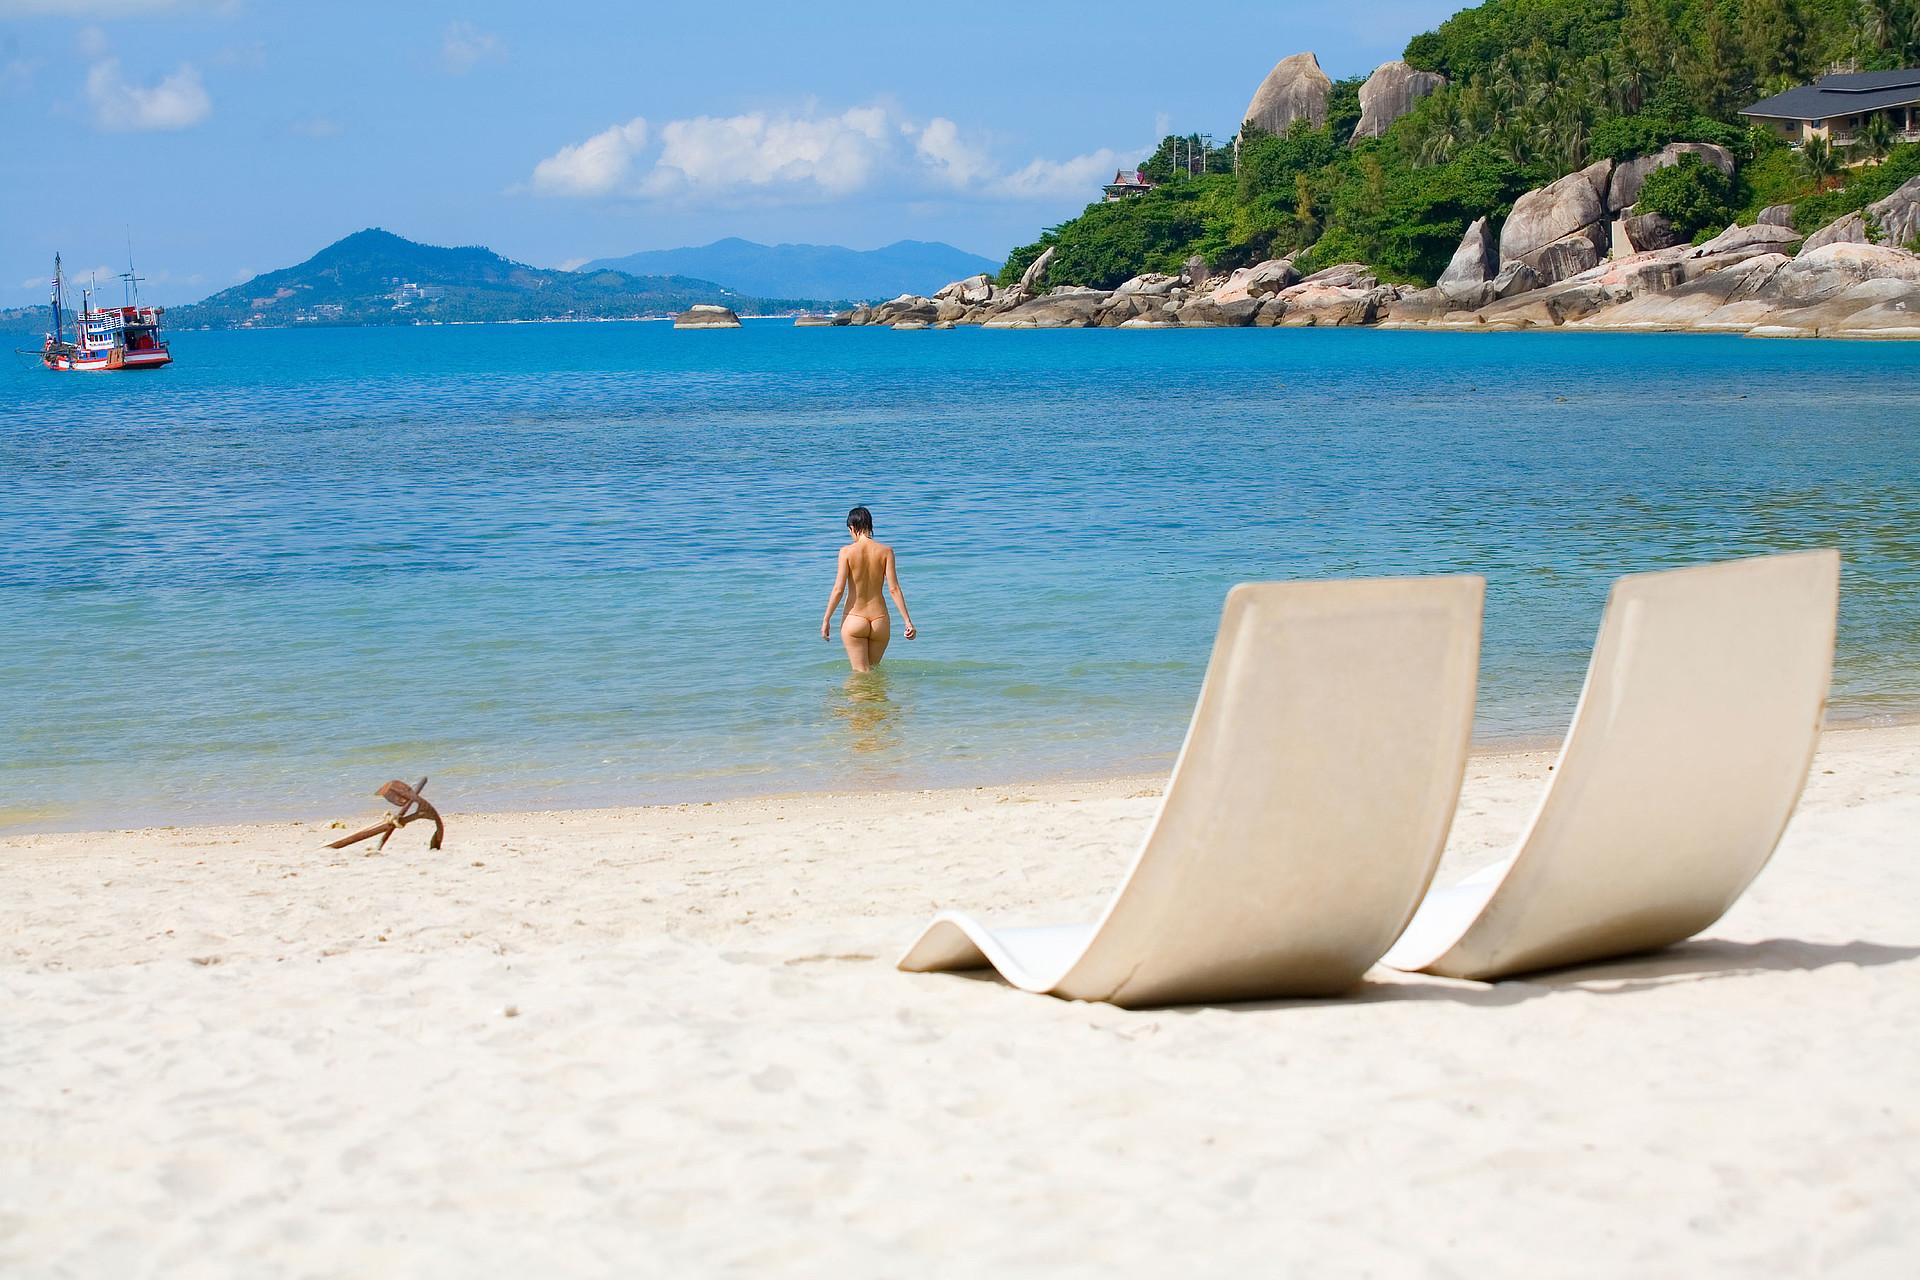 Nackturlaub Die 10 Besten Fkk Strande